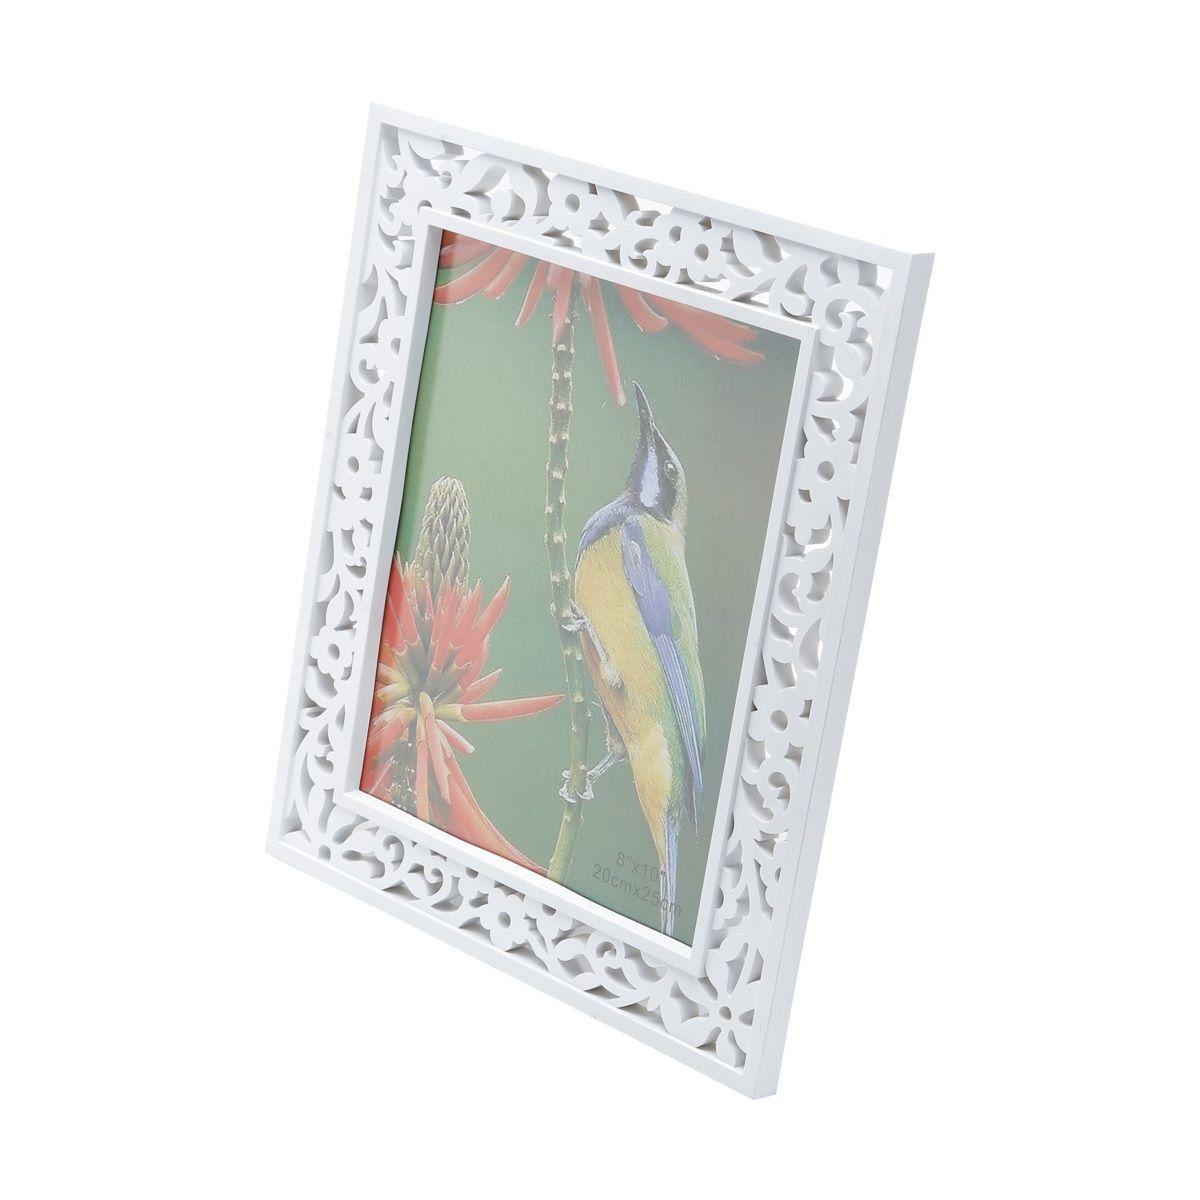 Porta-retrato 20 x 25 cm de plástico branco Provençal Prestige - 25470